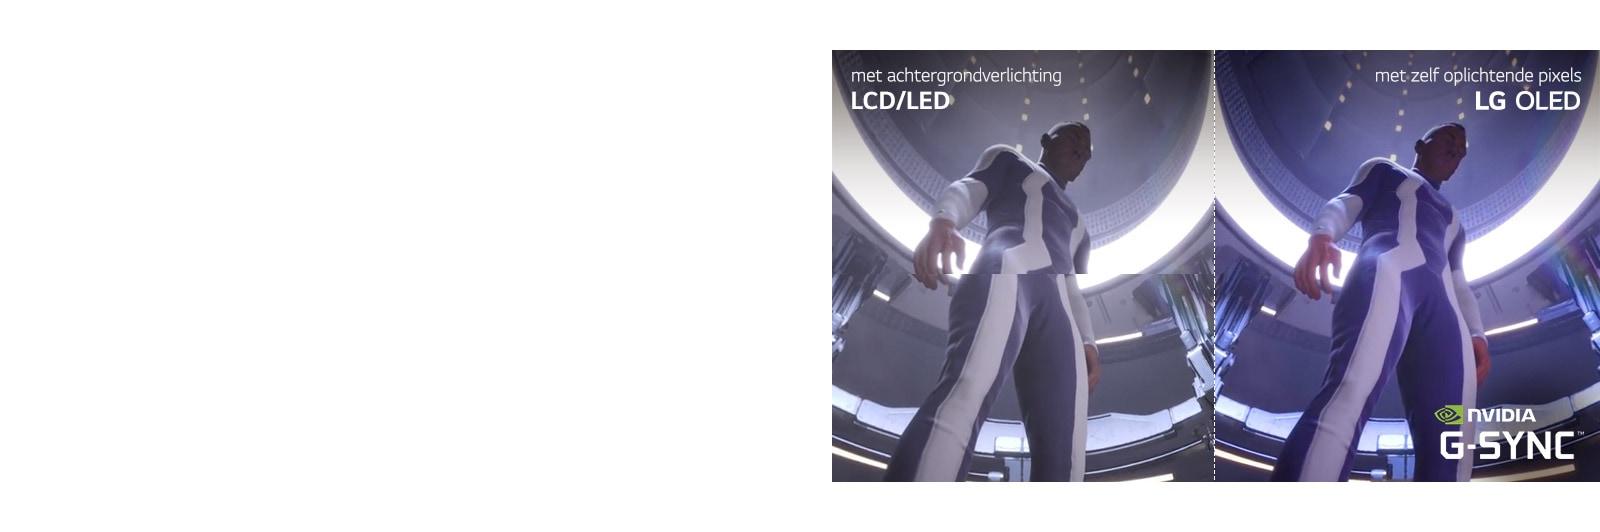 Een scène van een gamekarakter op een LCD / LED-tv met haperingen de andere helft op een LG OLED-tv zonder haperingen